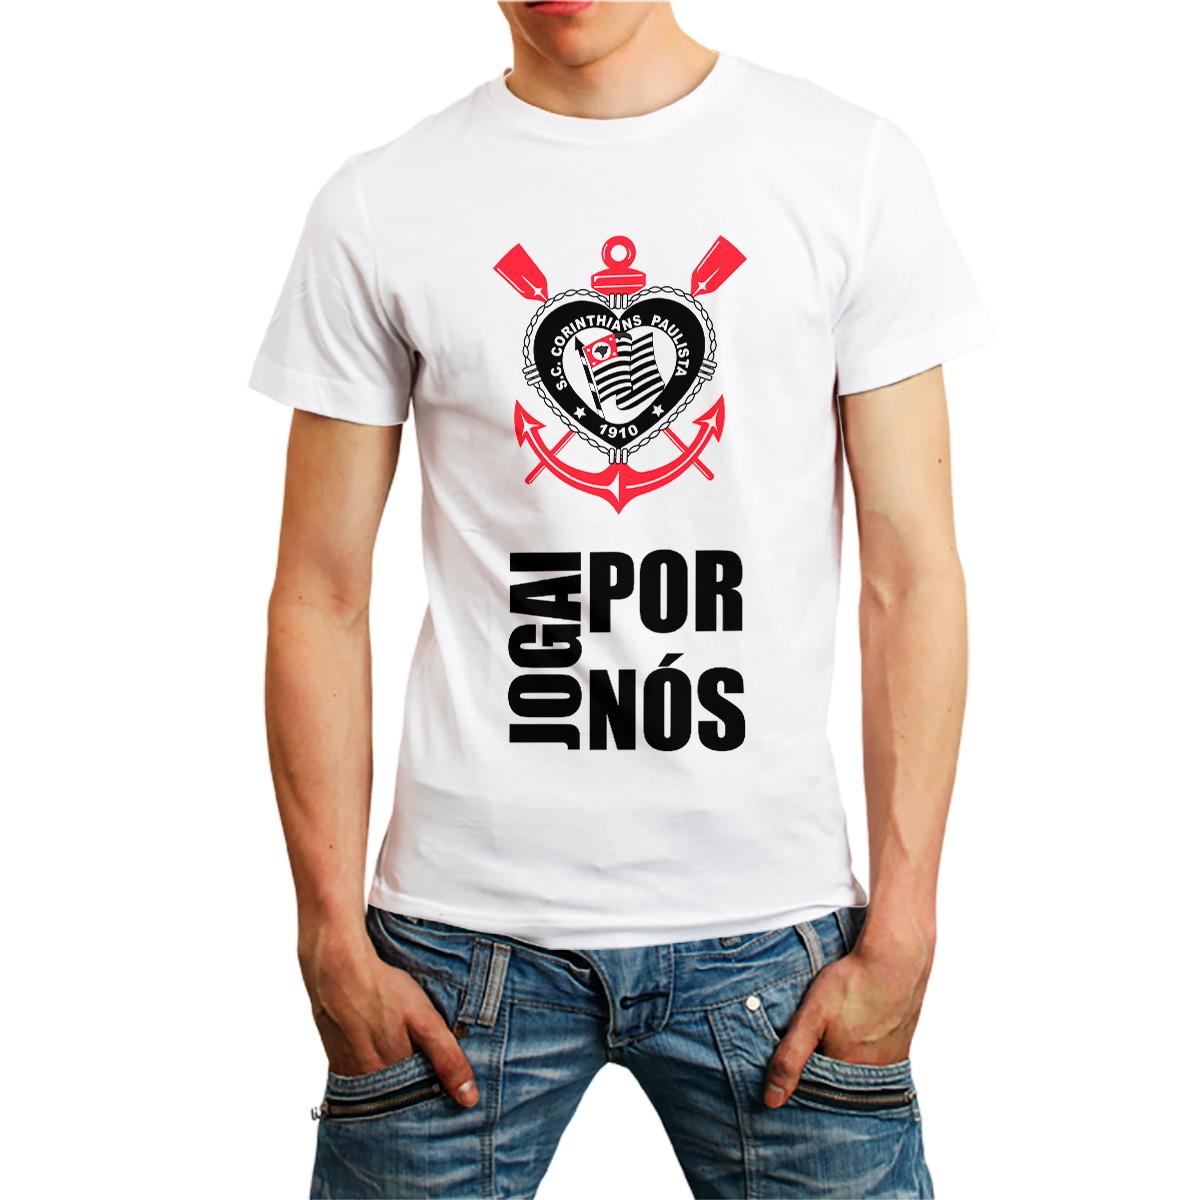 87675b7d63fb4 Camiseta Camisas Coringão Timão Time Futebol Branca no Elo7